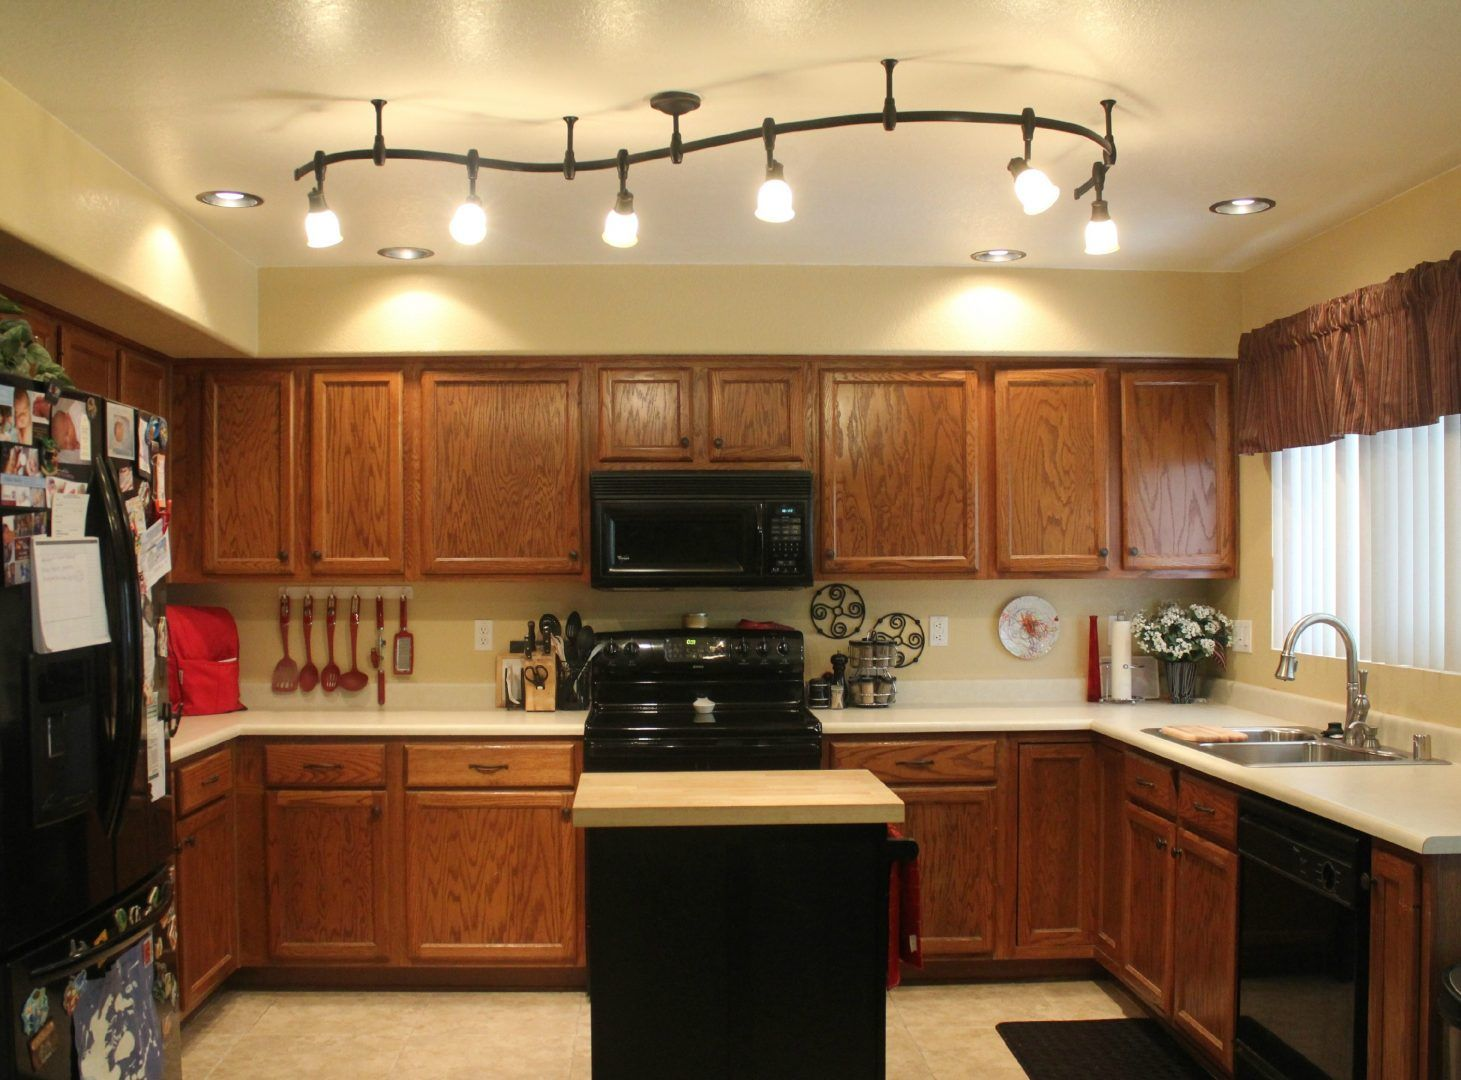 Luz en la cocina ideas cocina pinterest luces - Luces para muebles de cocina ...